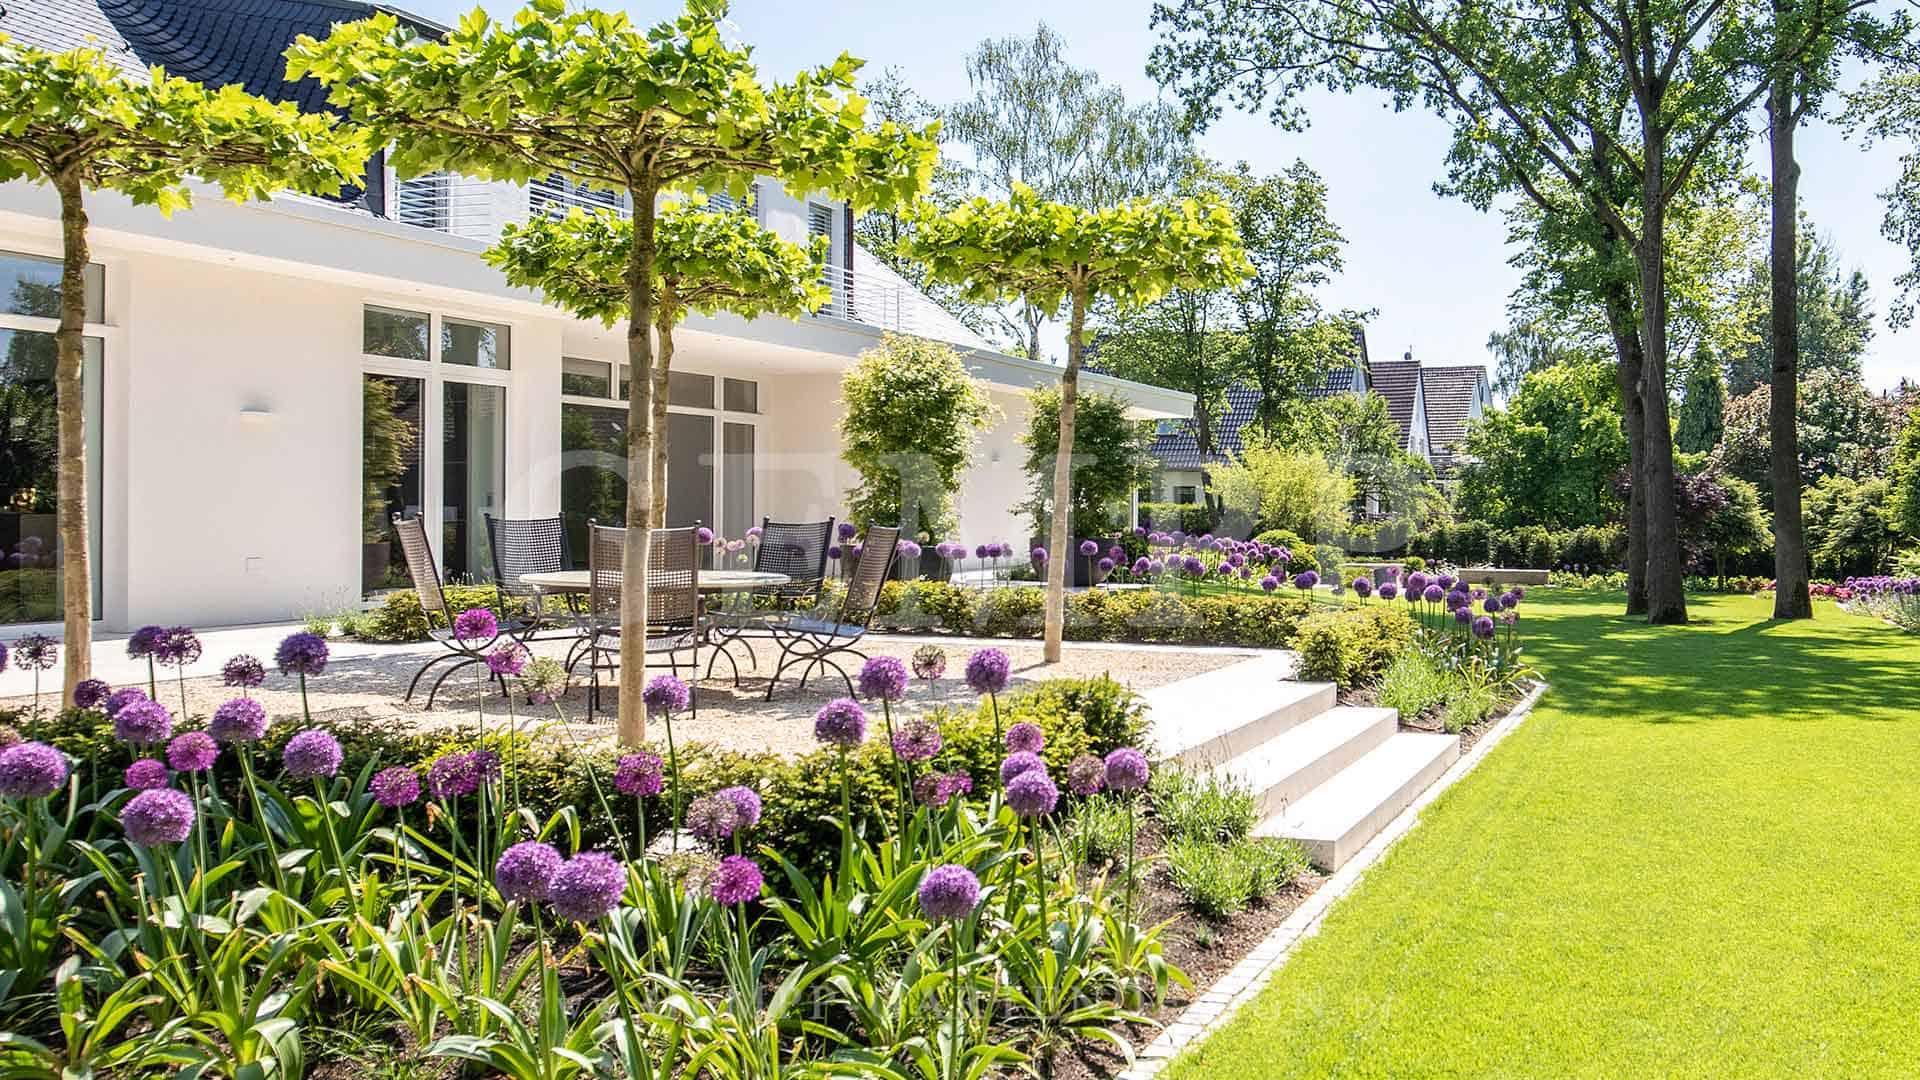 Gartengestaltung Beispiele Referenzen Gempp Gartendesign